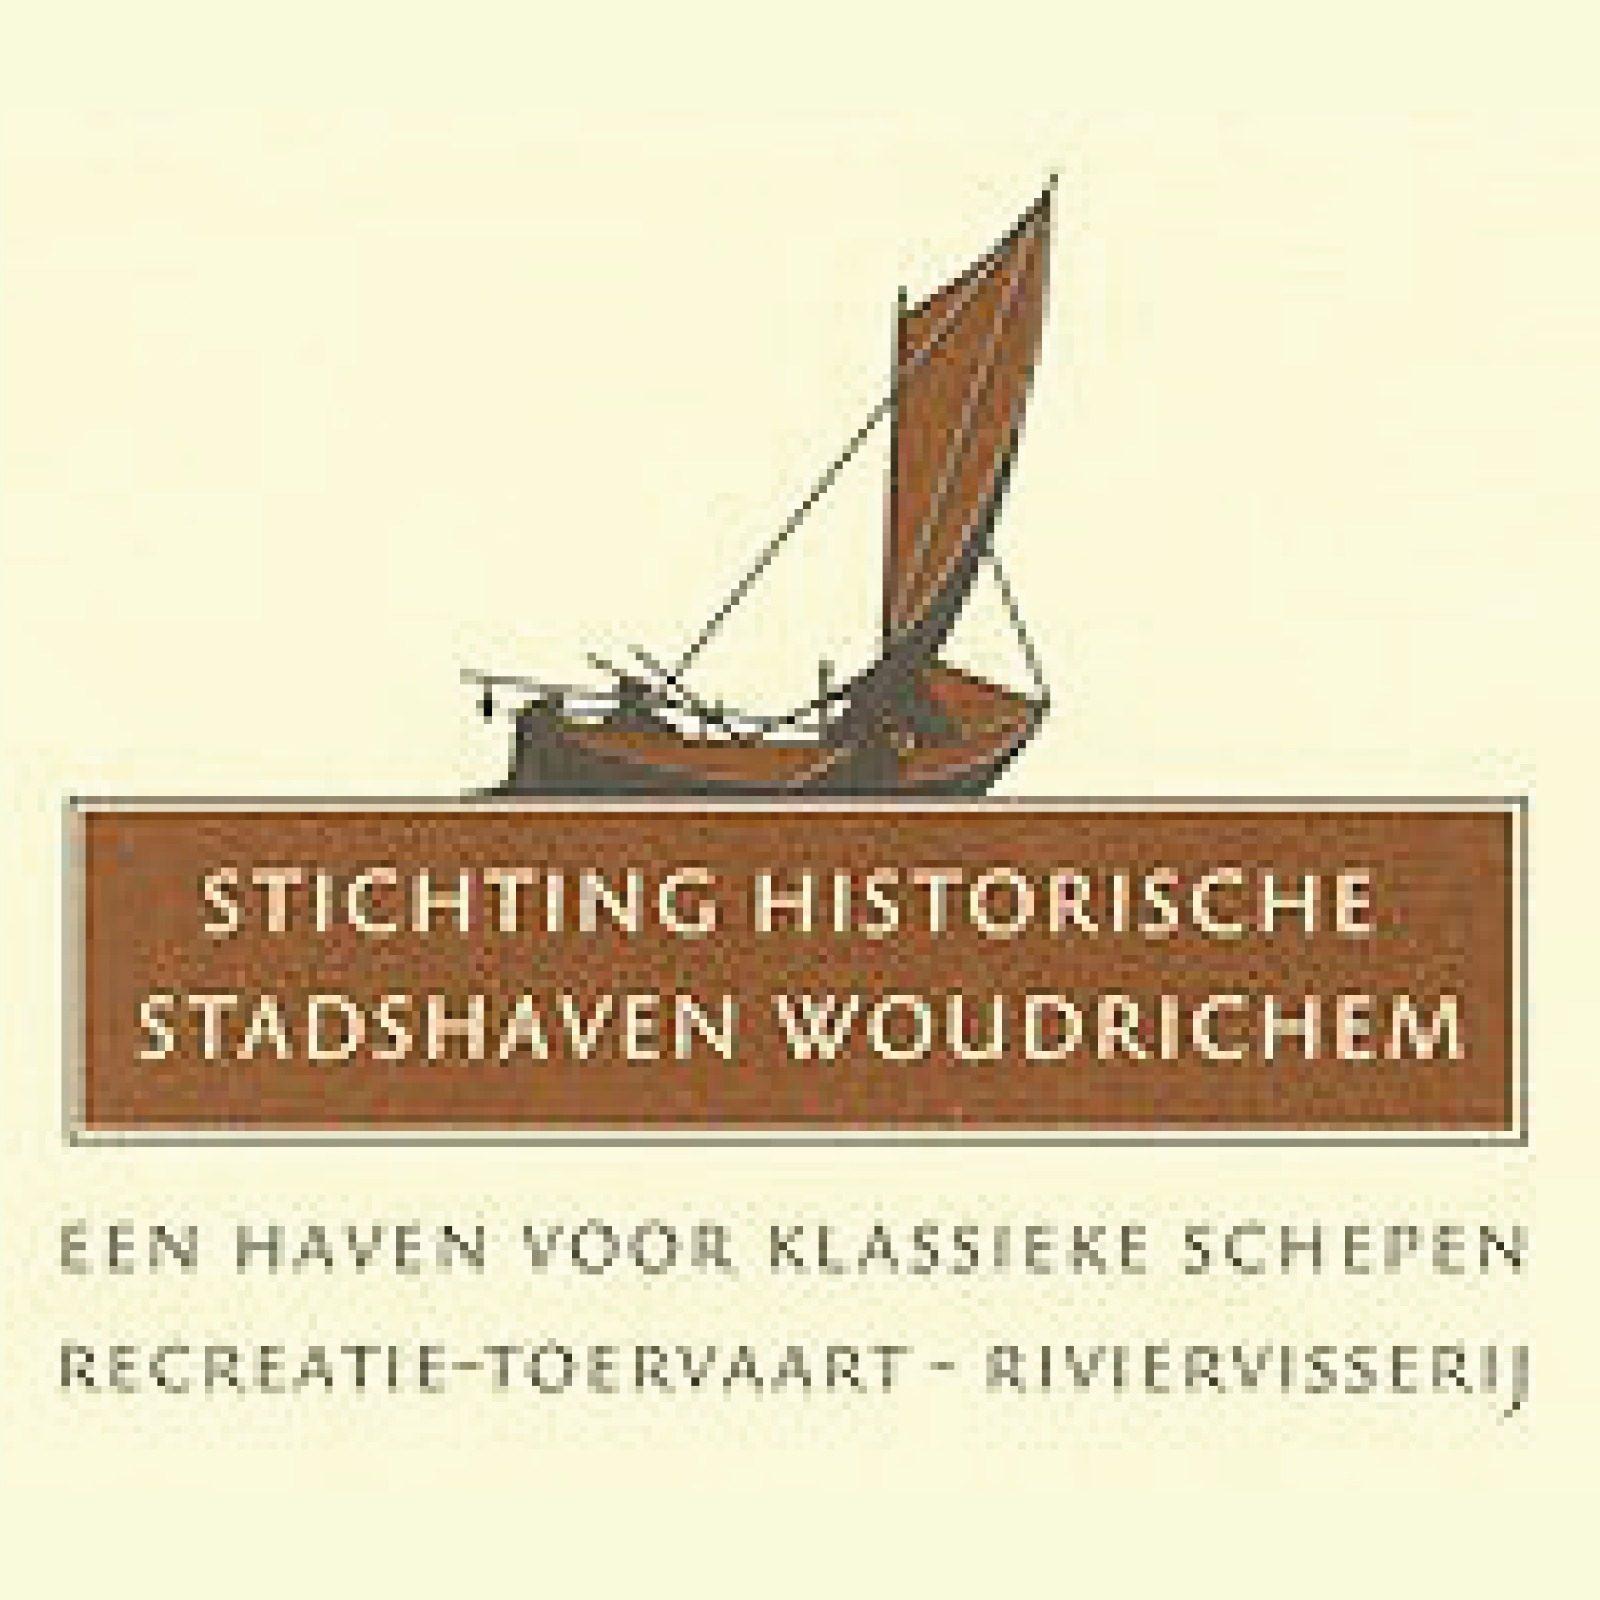 Stichting Historische Stadshaven Woudrichem